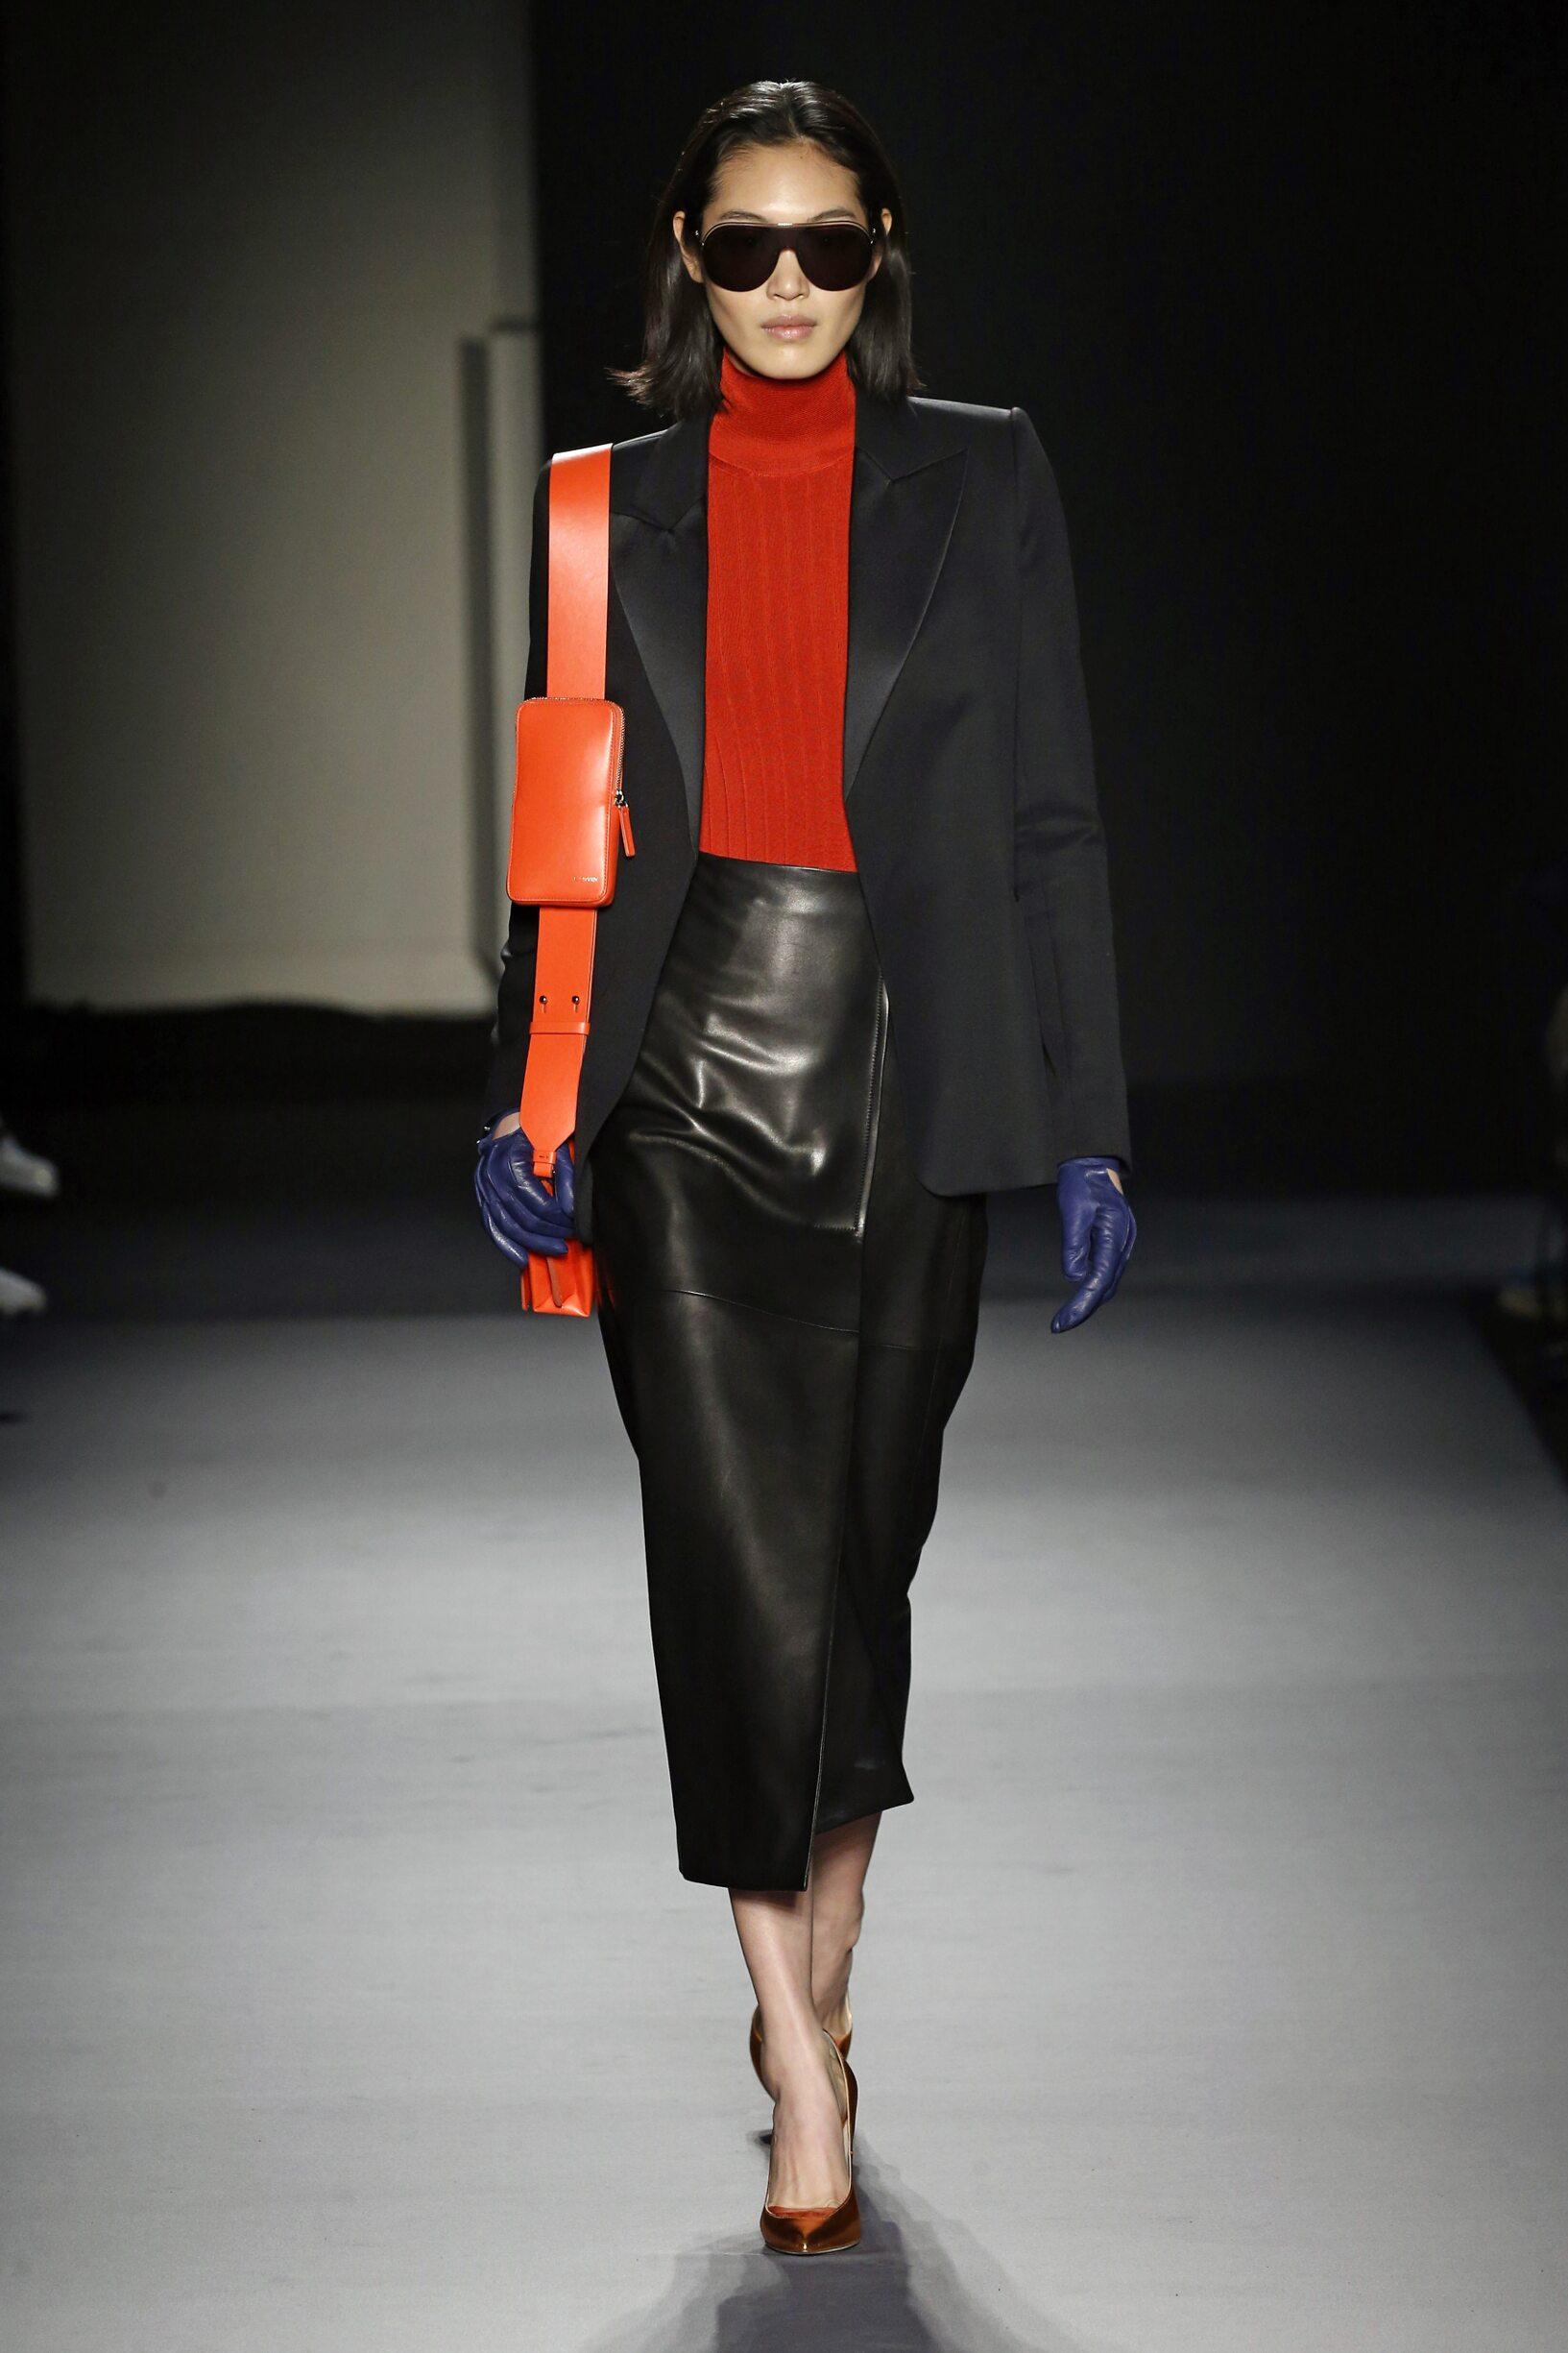 Lanvin Woman Style 2018